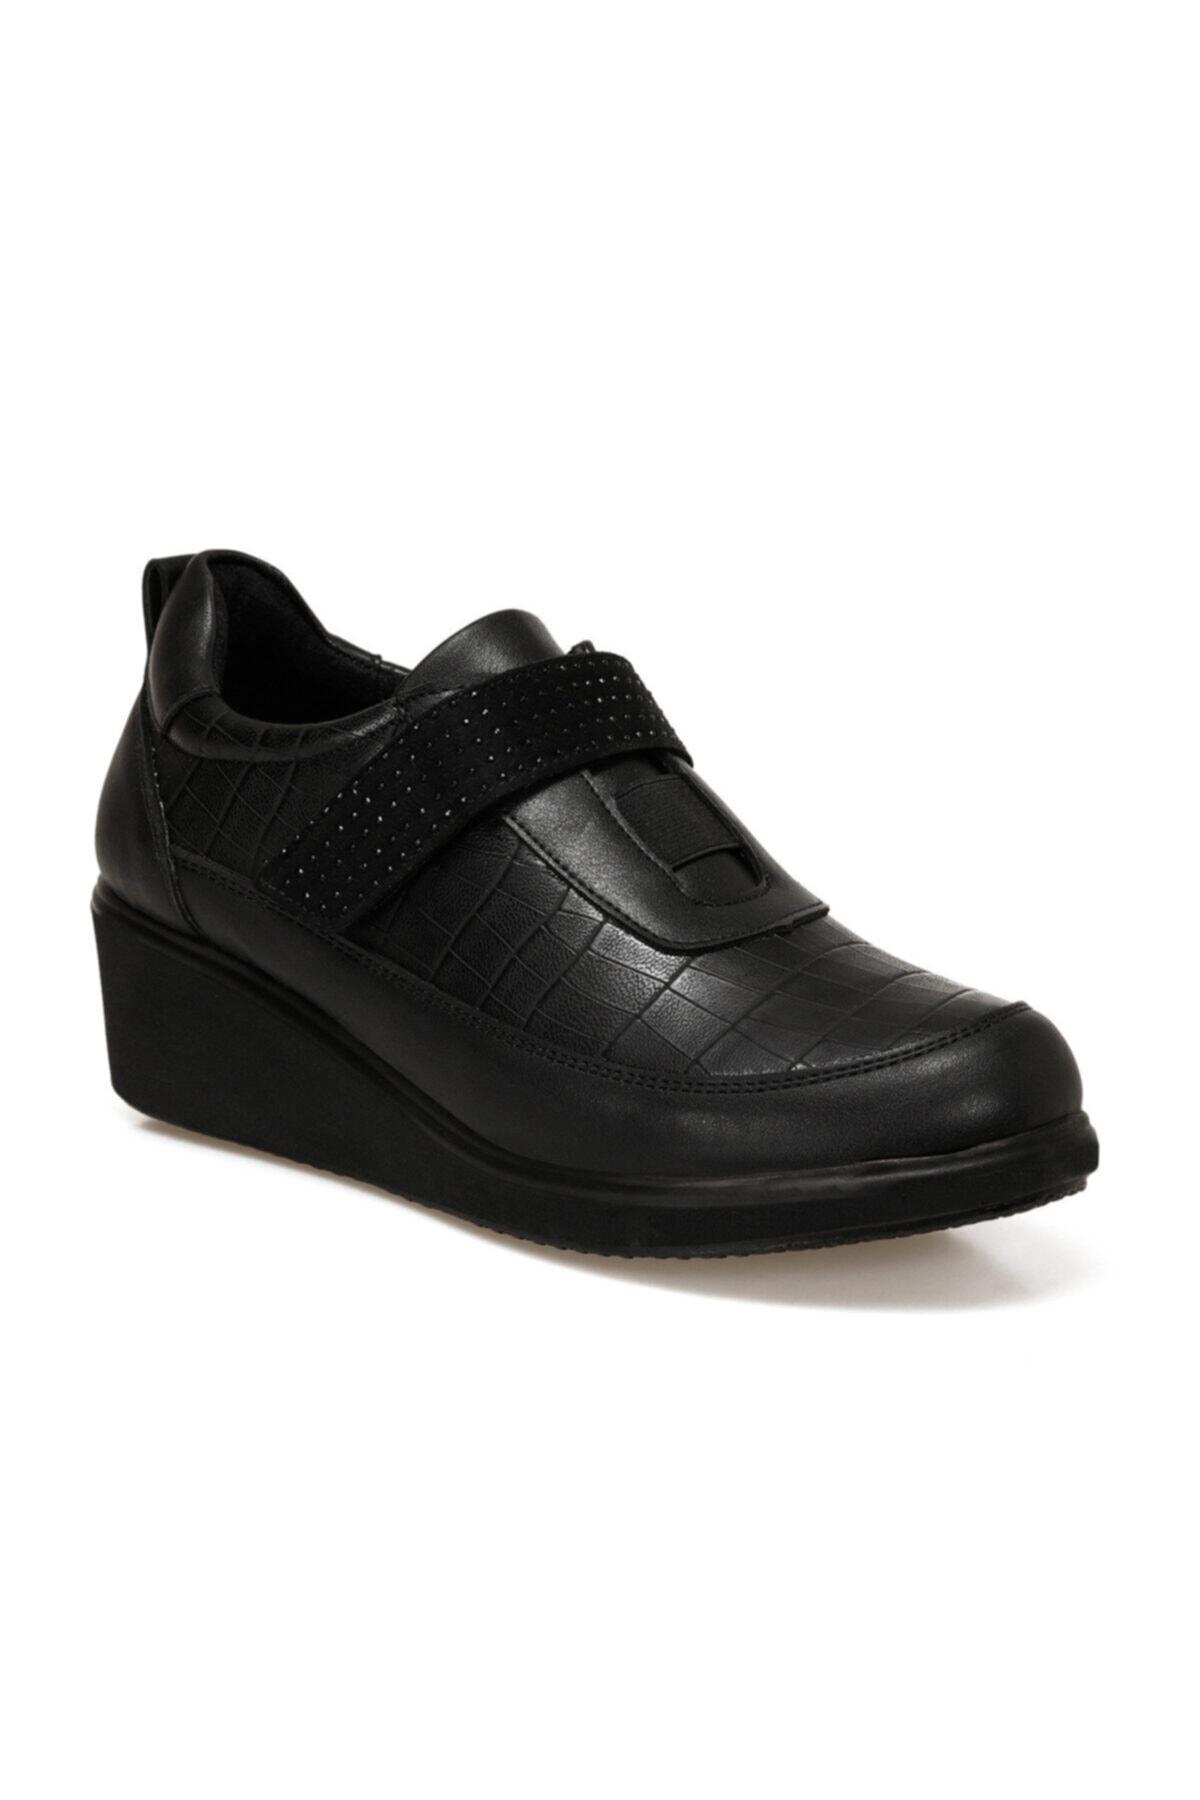 Polaris 161395.Z Siyah Kadın Comfort Ayakkabı 100548504 1